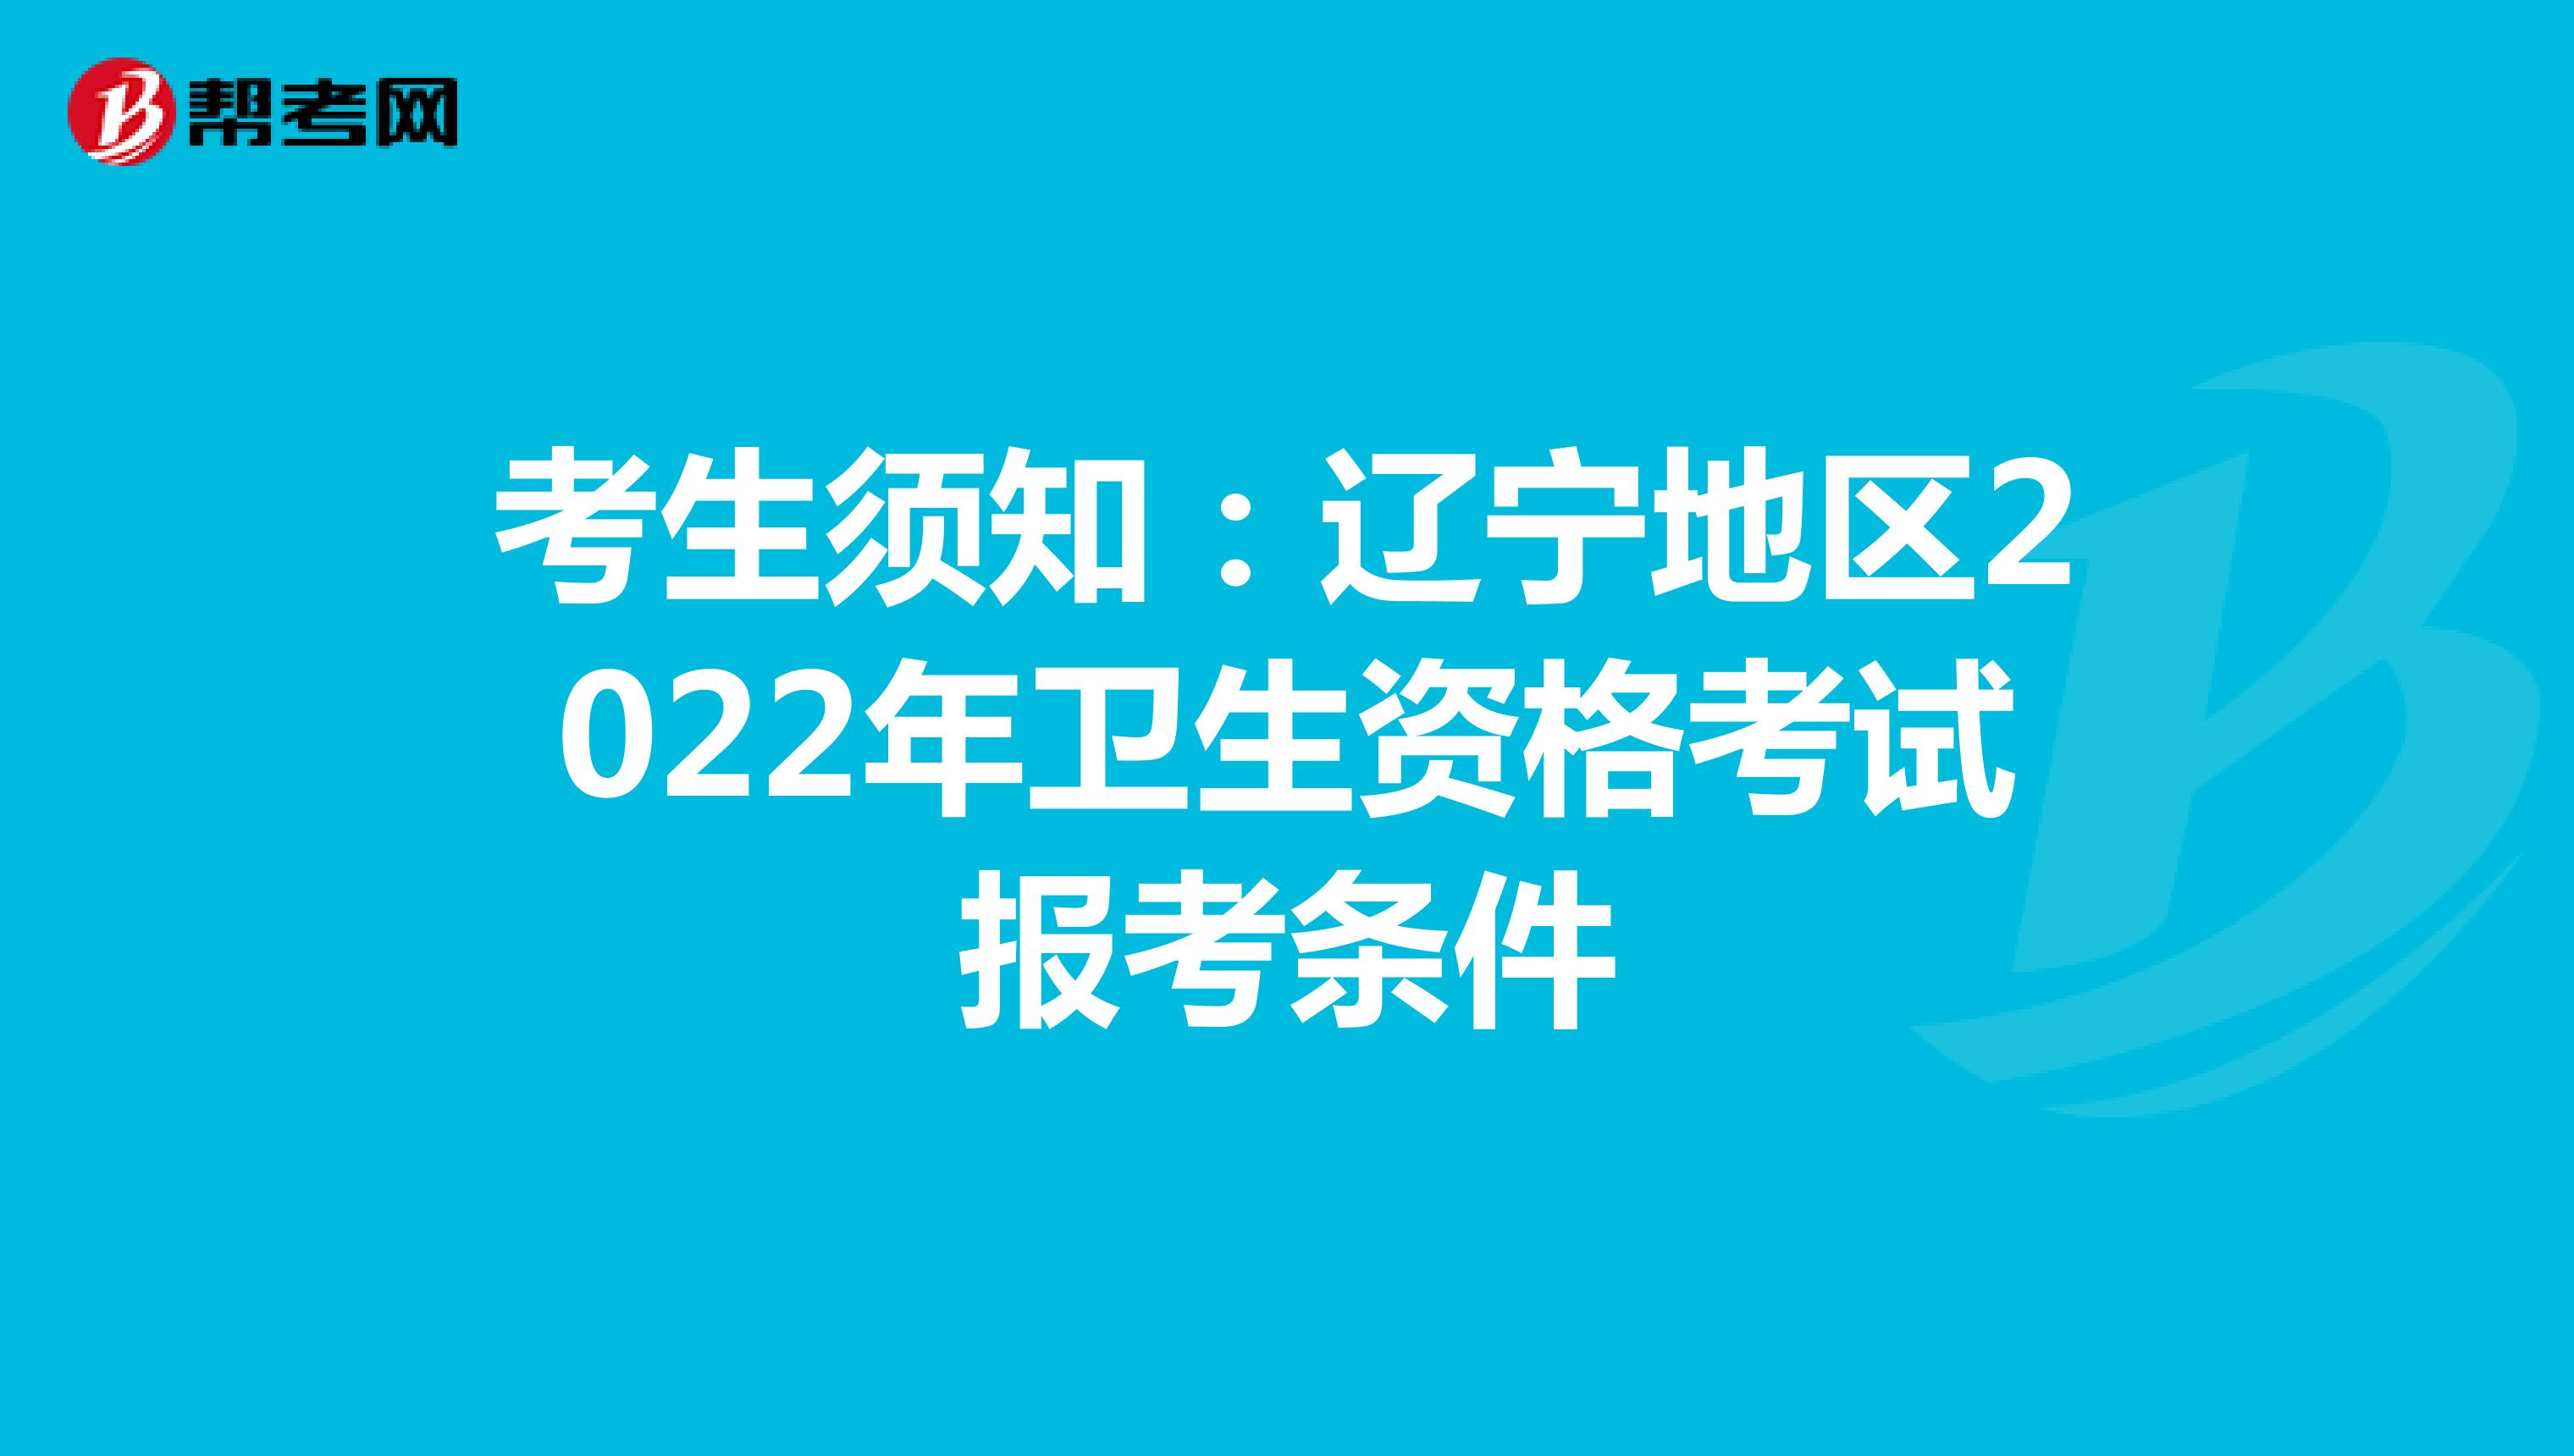 考生须知:辽宁地区2022年卫生资格考试报考条件